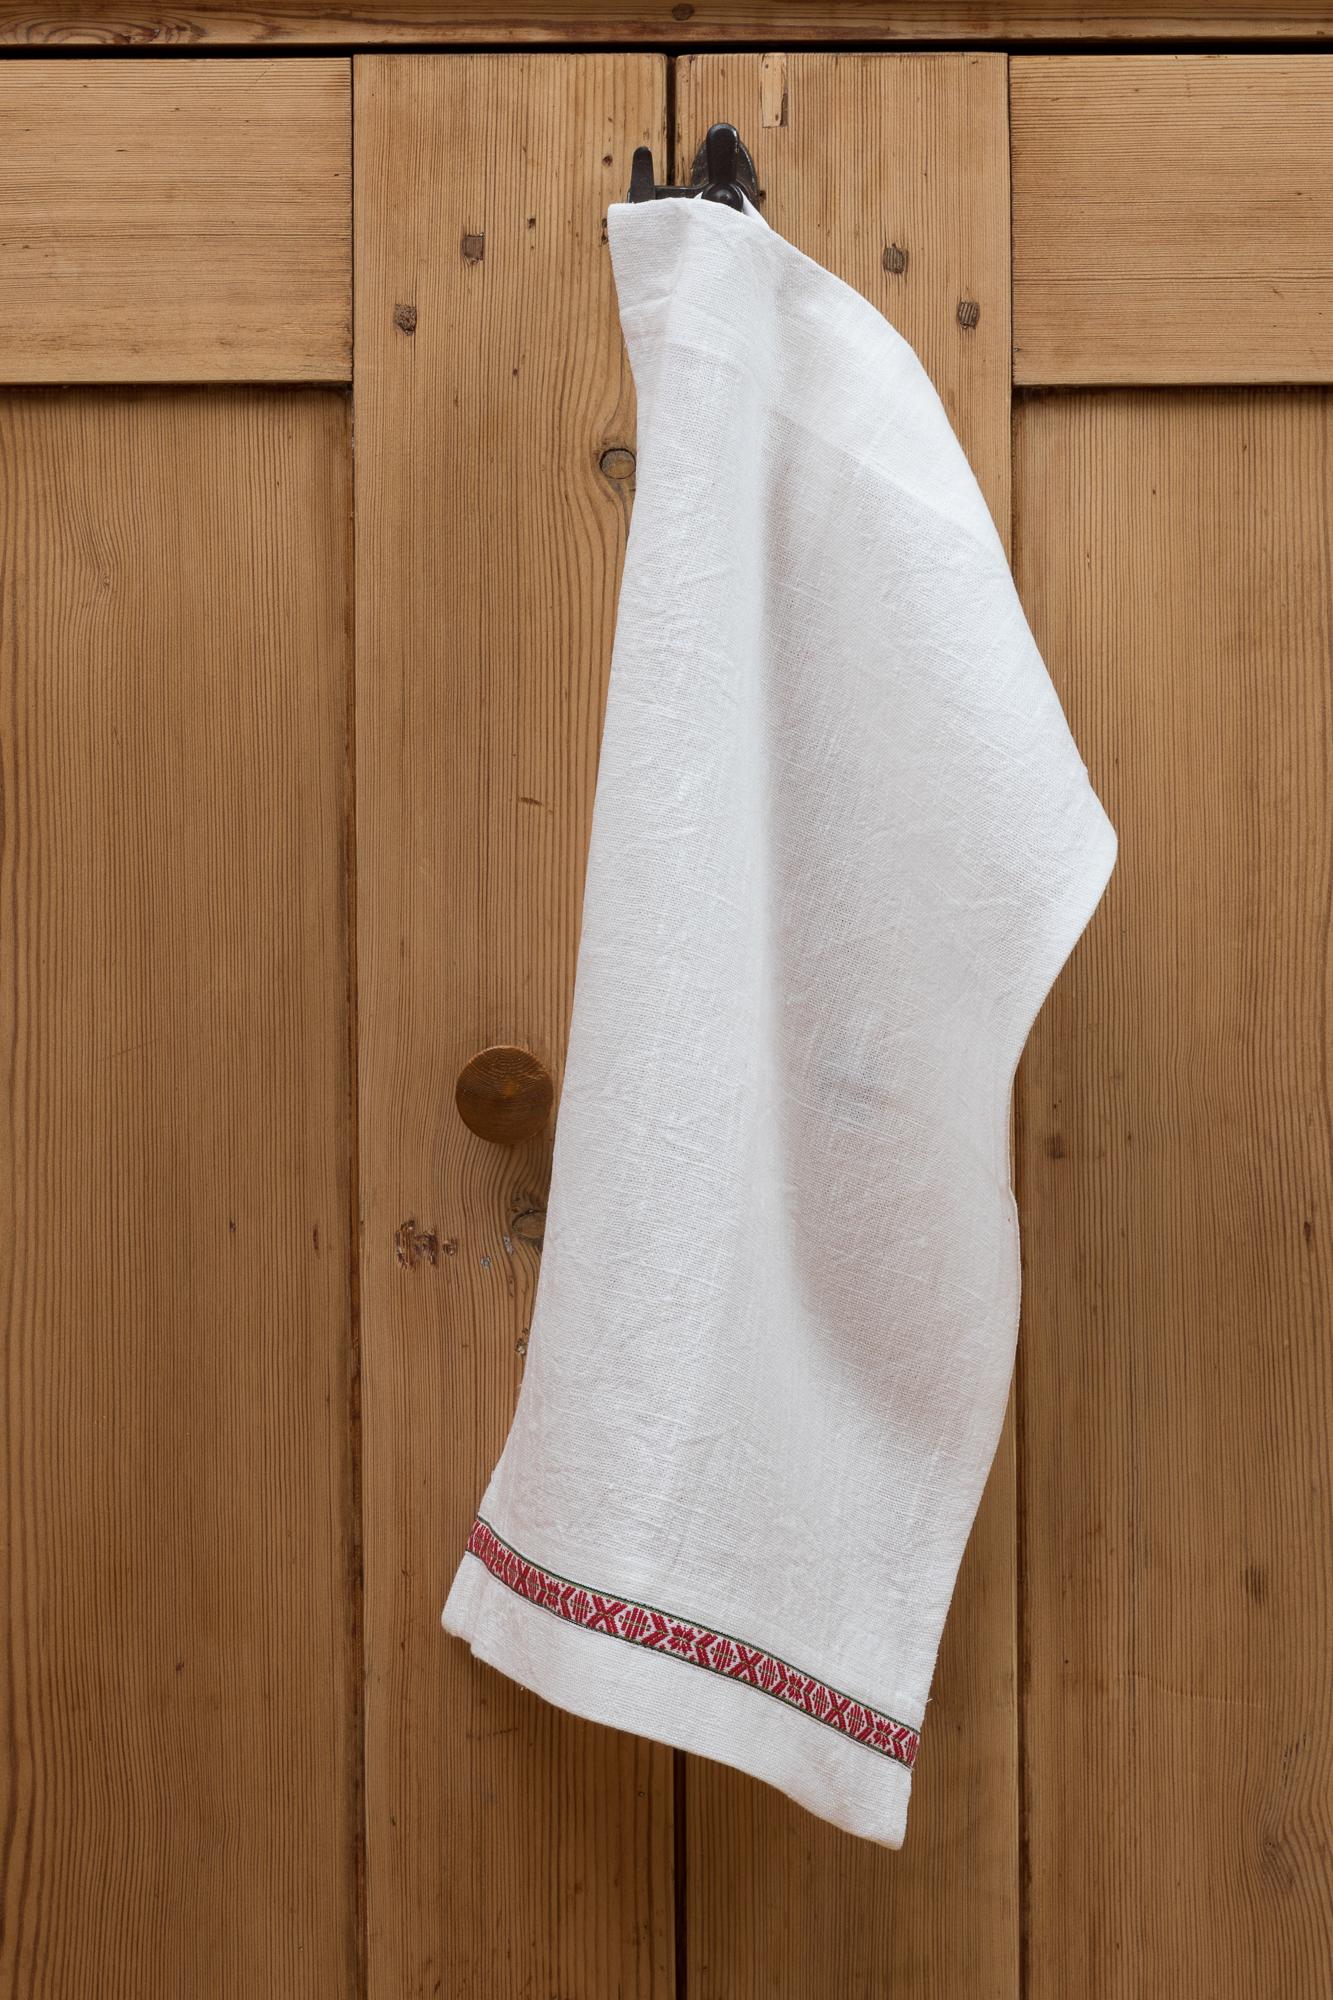 Kökshandduk i cert linne. Sys i Sverige. 30x50 cm.